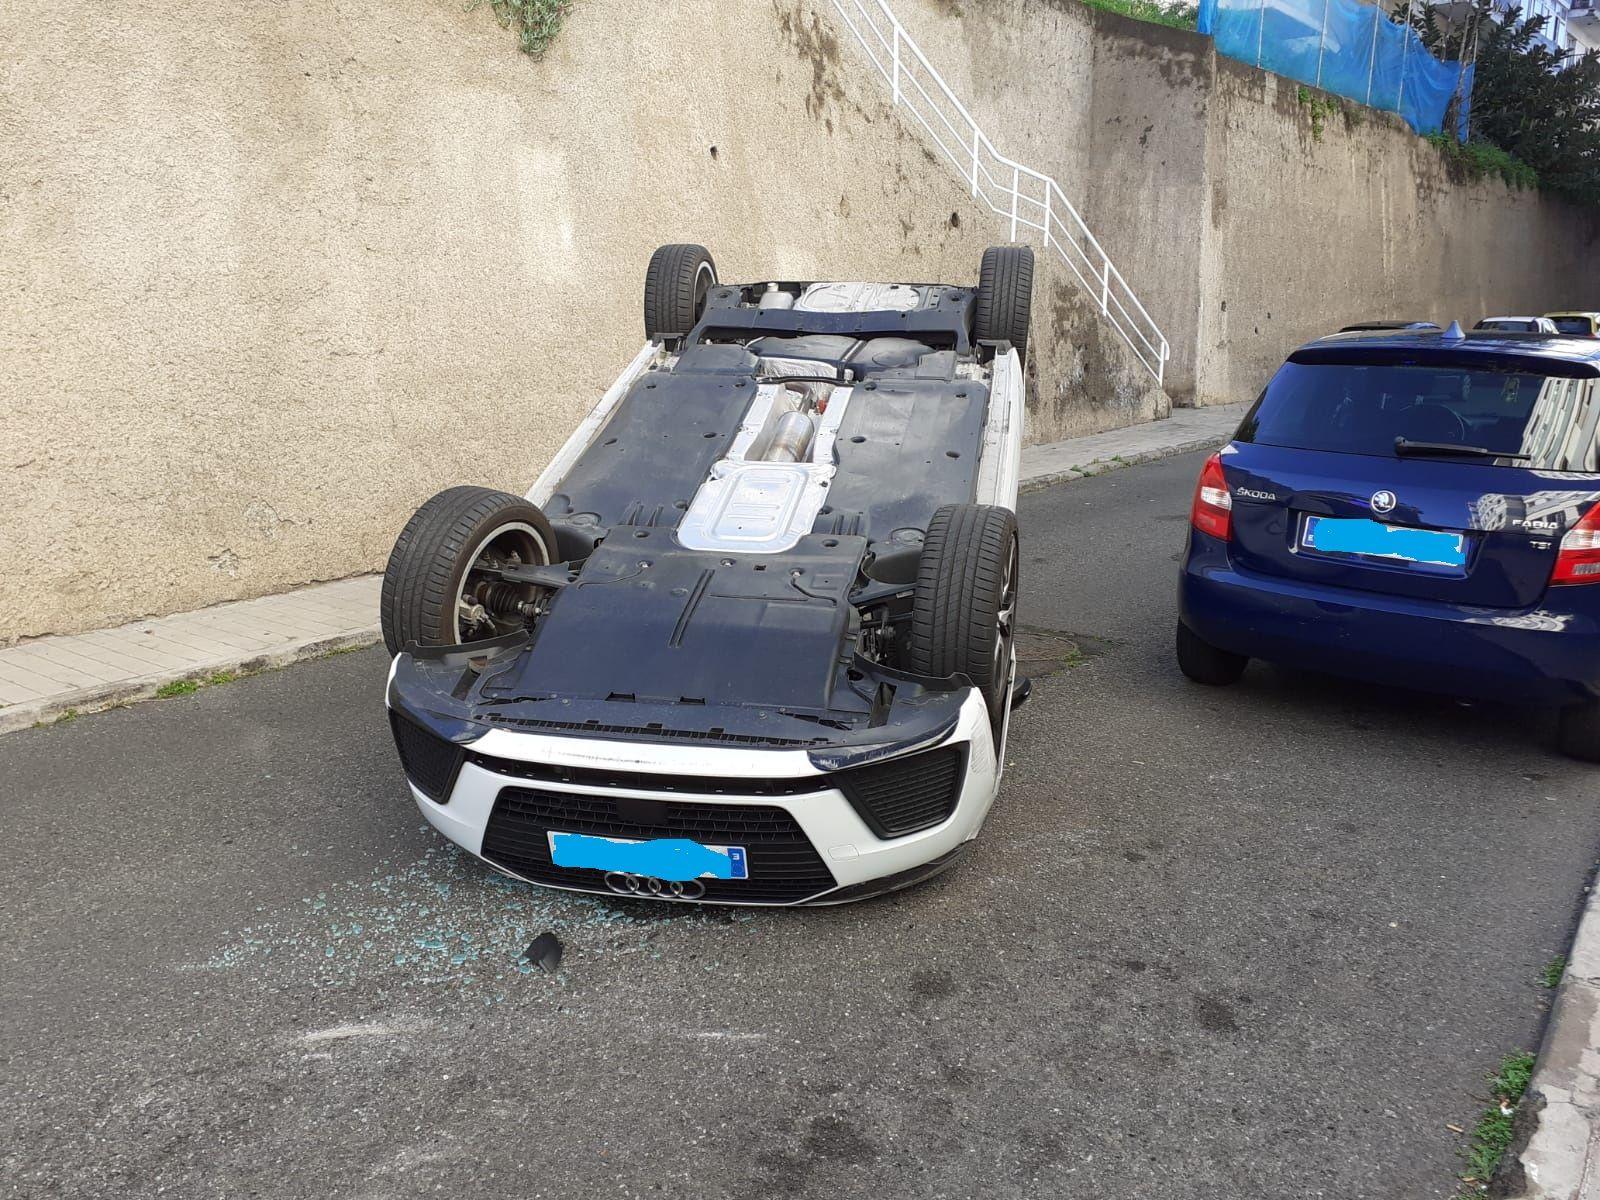 Vuelca un coche en El Batán